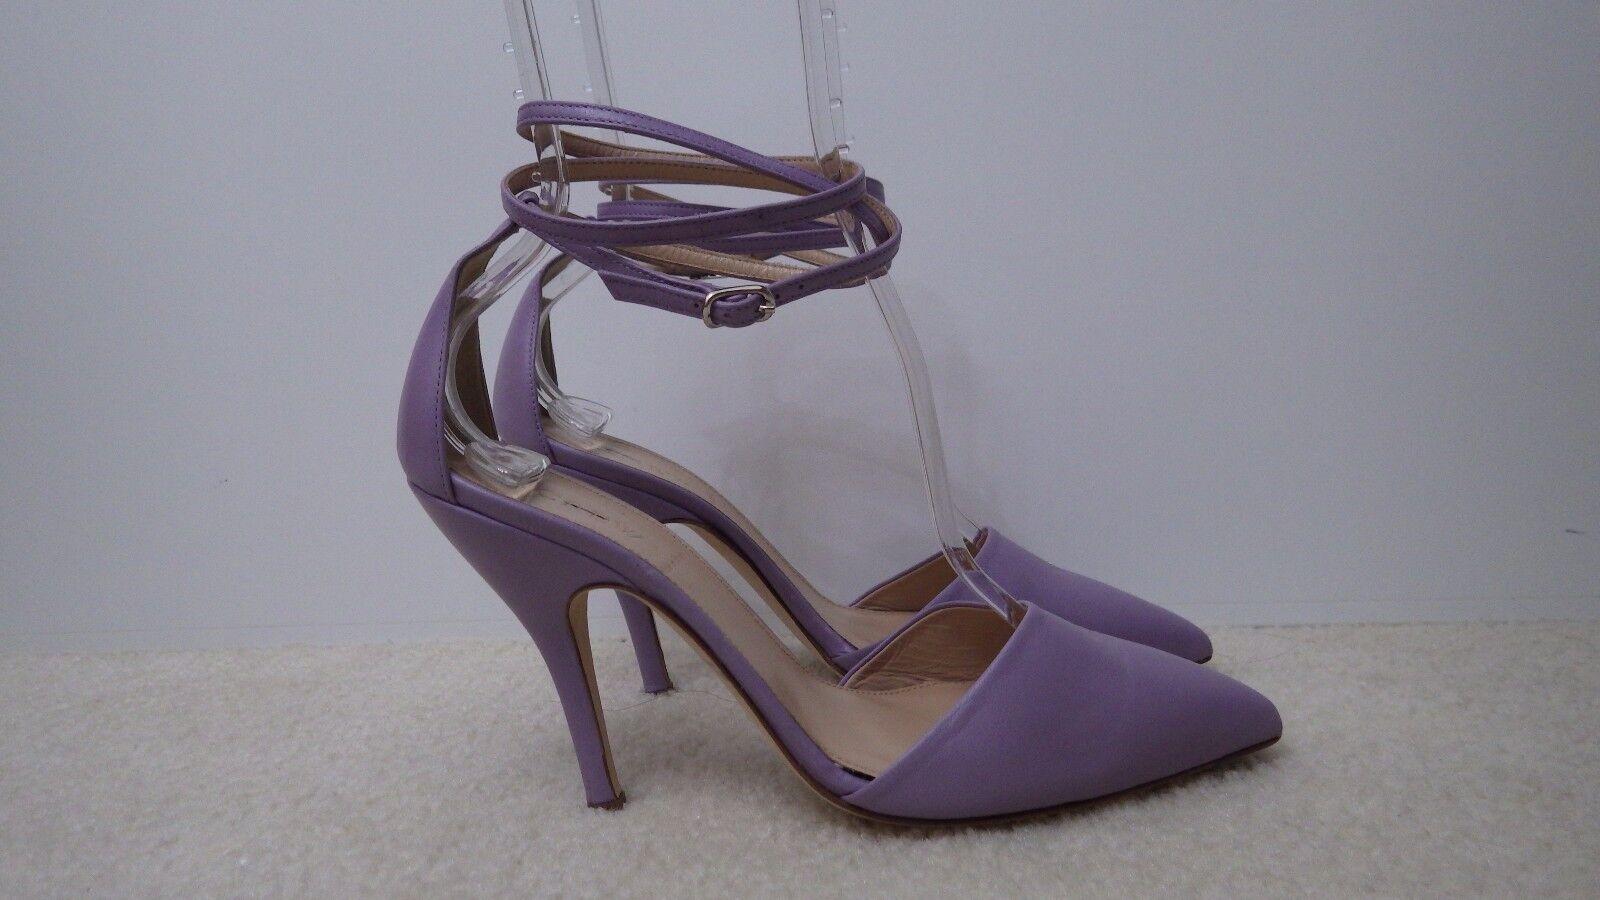 NEU Damens J.Crew Ankle Strap Leder Pumps, Persian Violet, Größe 7